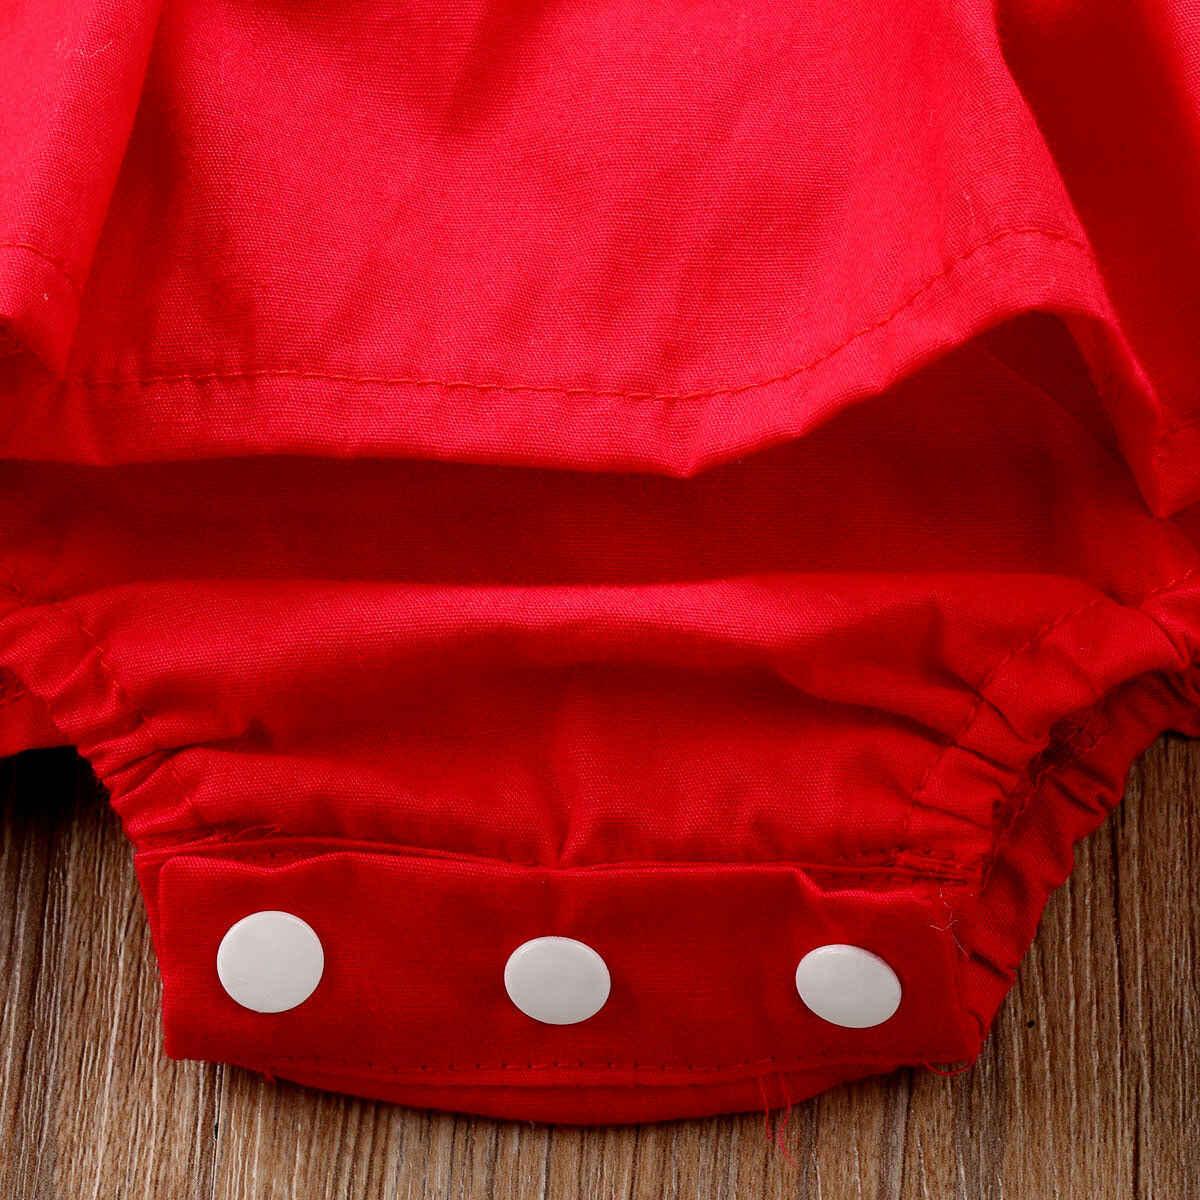 عيد الميلاد كشكش الأحمر الدانتيل الأميرة رومبير اللباس الطفل الفتيات شقيقة عيد الميلاد طفل الوليد الاطفال حزب فساتين زي الملابس 0- 24M